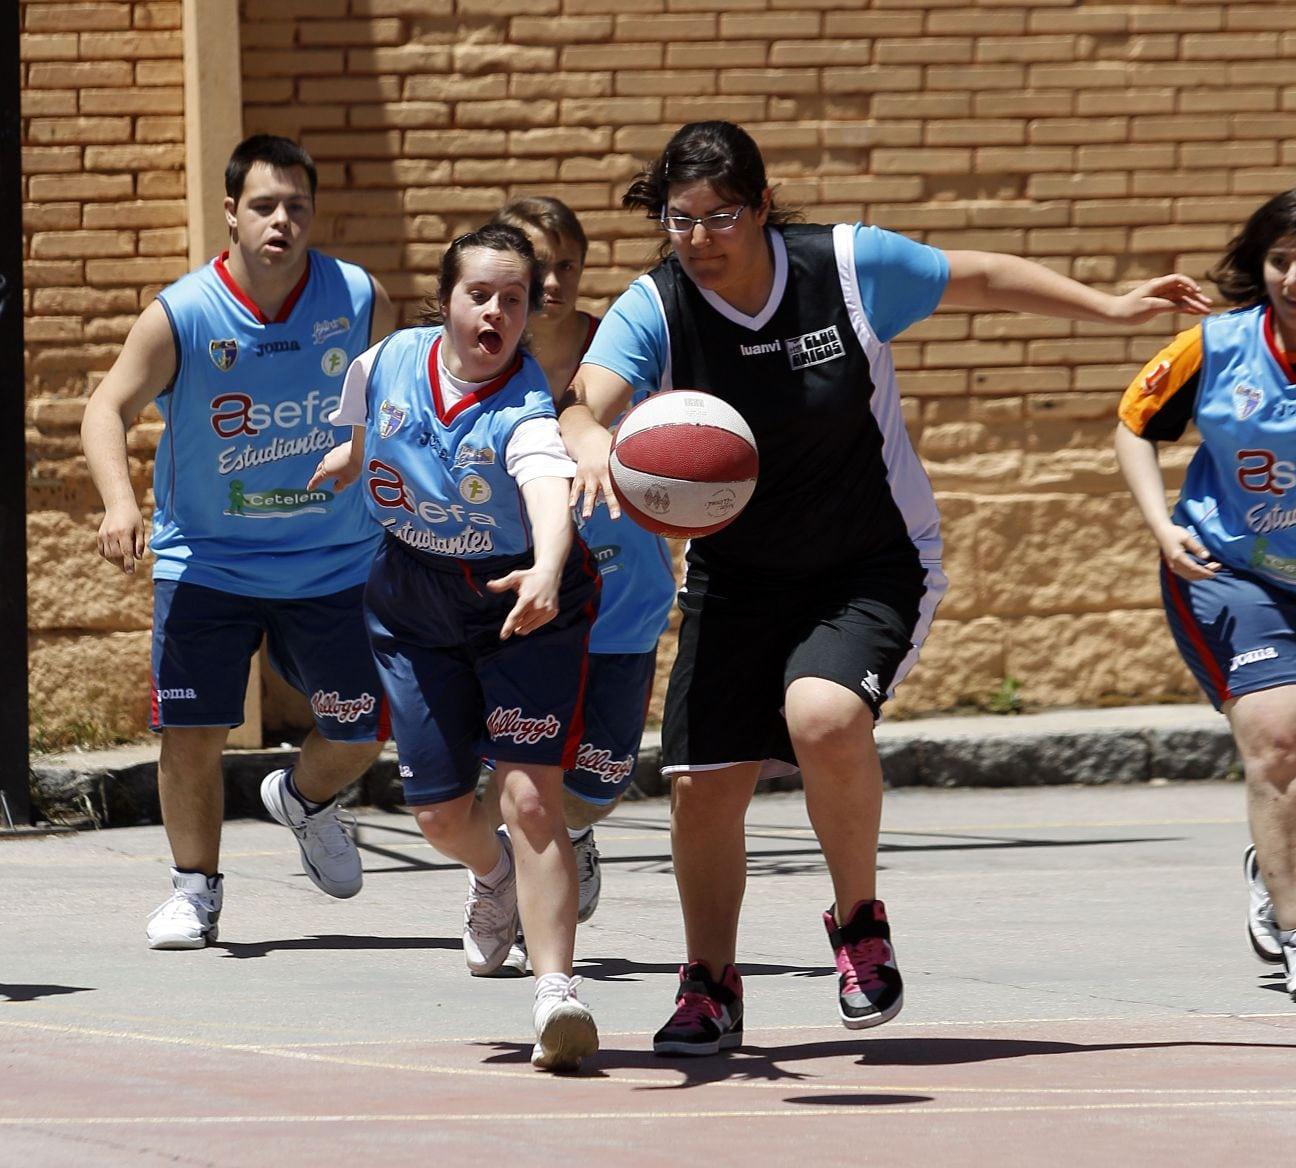 Derbis fratricidas en el arranque de la liga FEAPS para los equipos de la Fundación Estudiantes